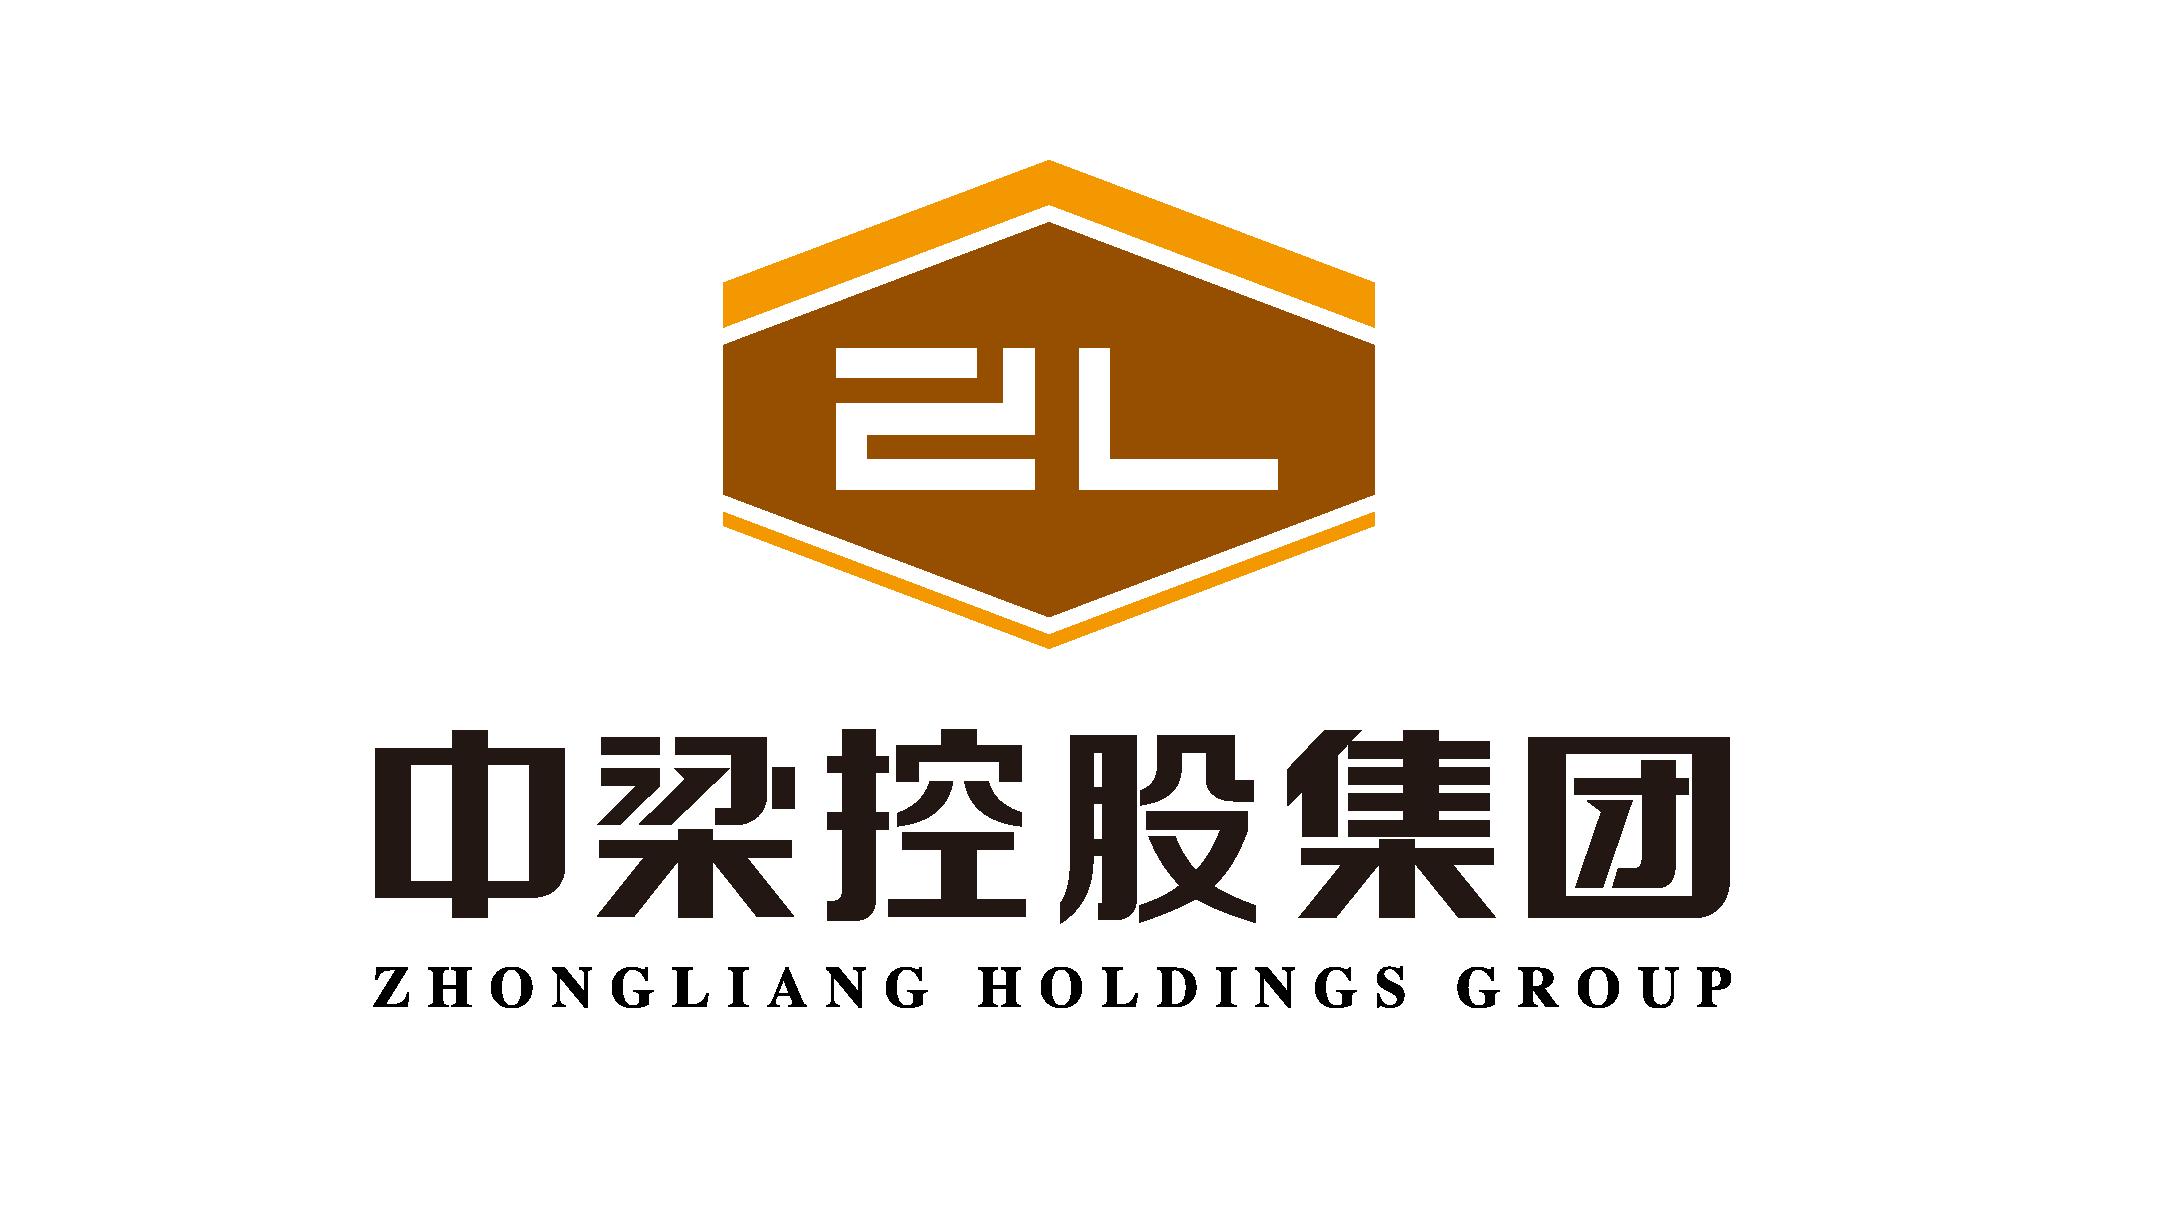 中梁控股集团有限公司